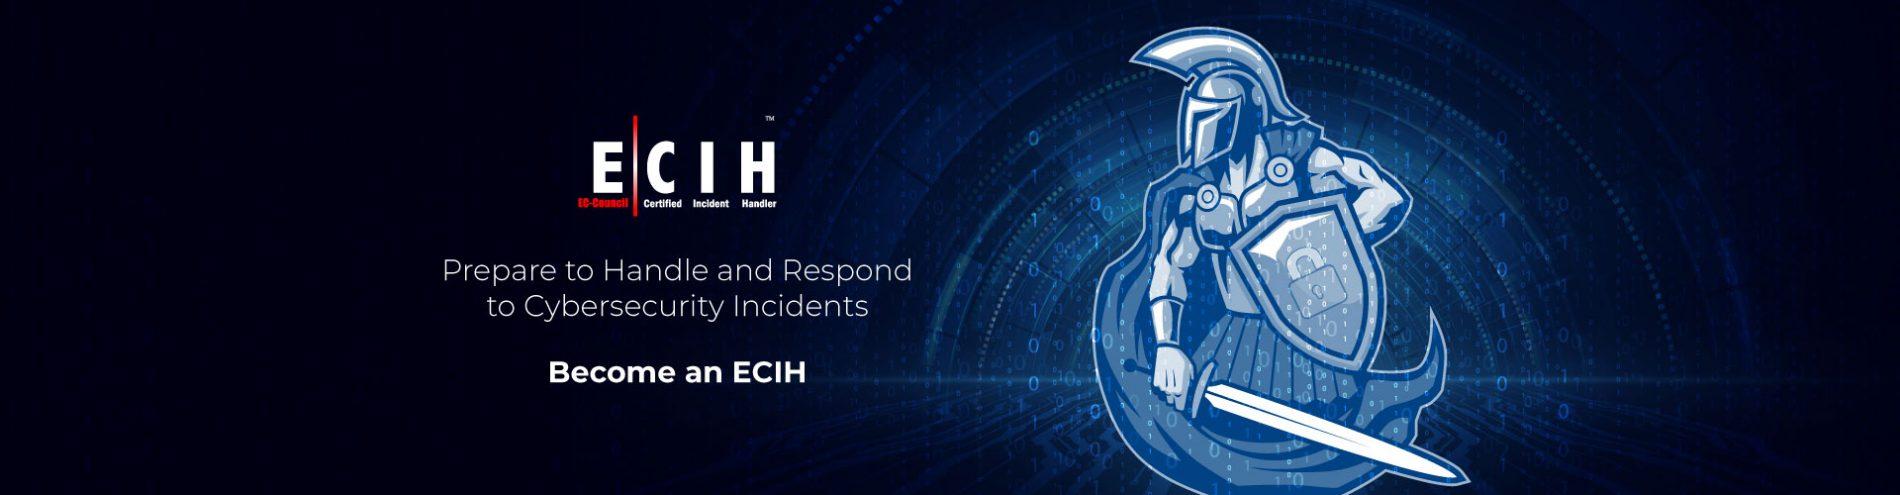 ECIH-image